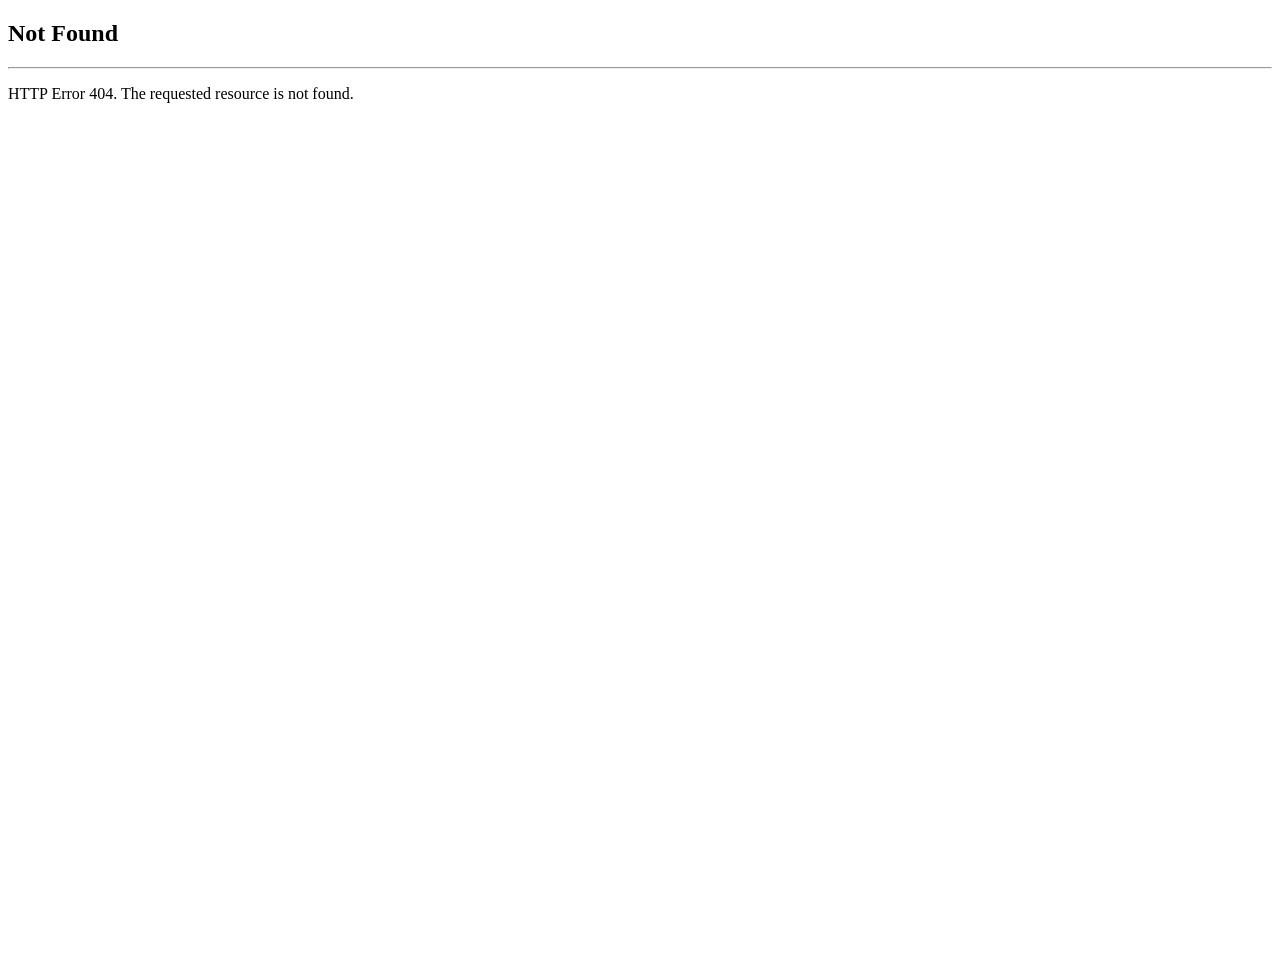 【轉知】中華民國飛盤協會辦理「全國國民小學五人制飛盤爭奪錦標賽」競賽規程 (修改日期/地點)